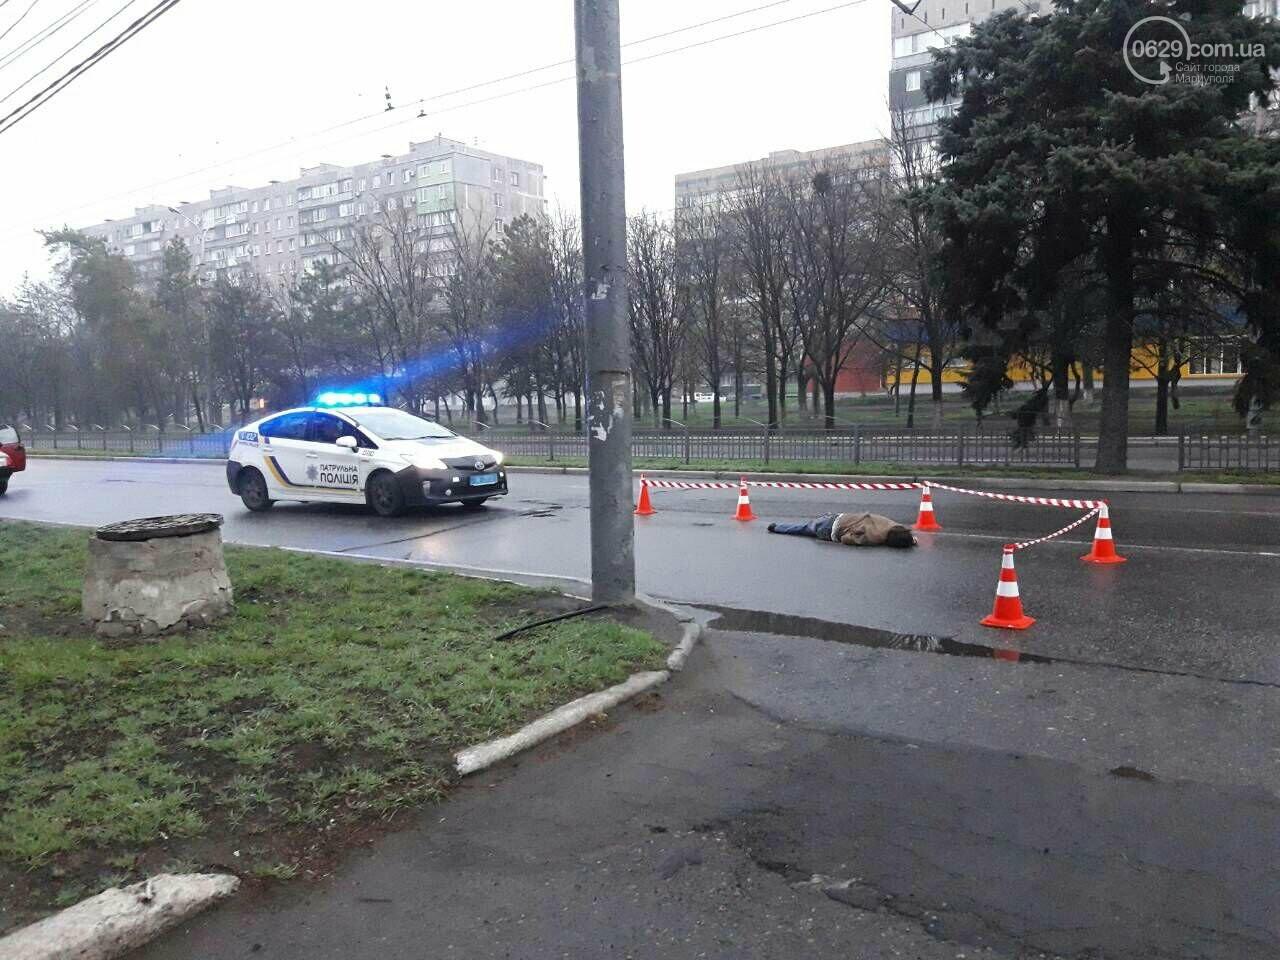 Смертельное ДТП. В центре Мариуполя на дороге нашли труп мужчины, - ФОТО 18+, фото-3